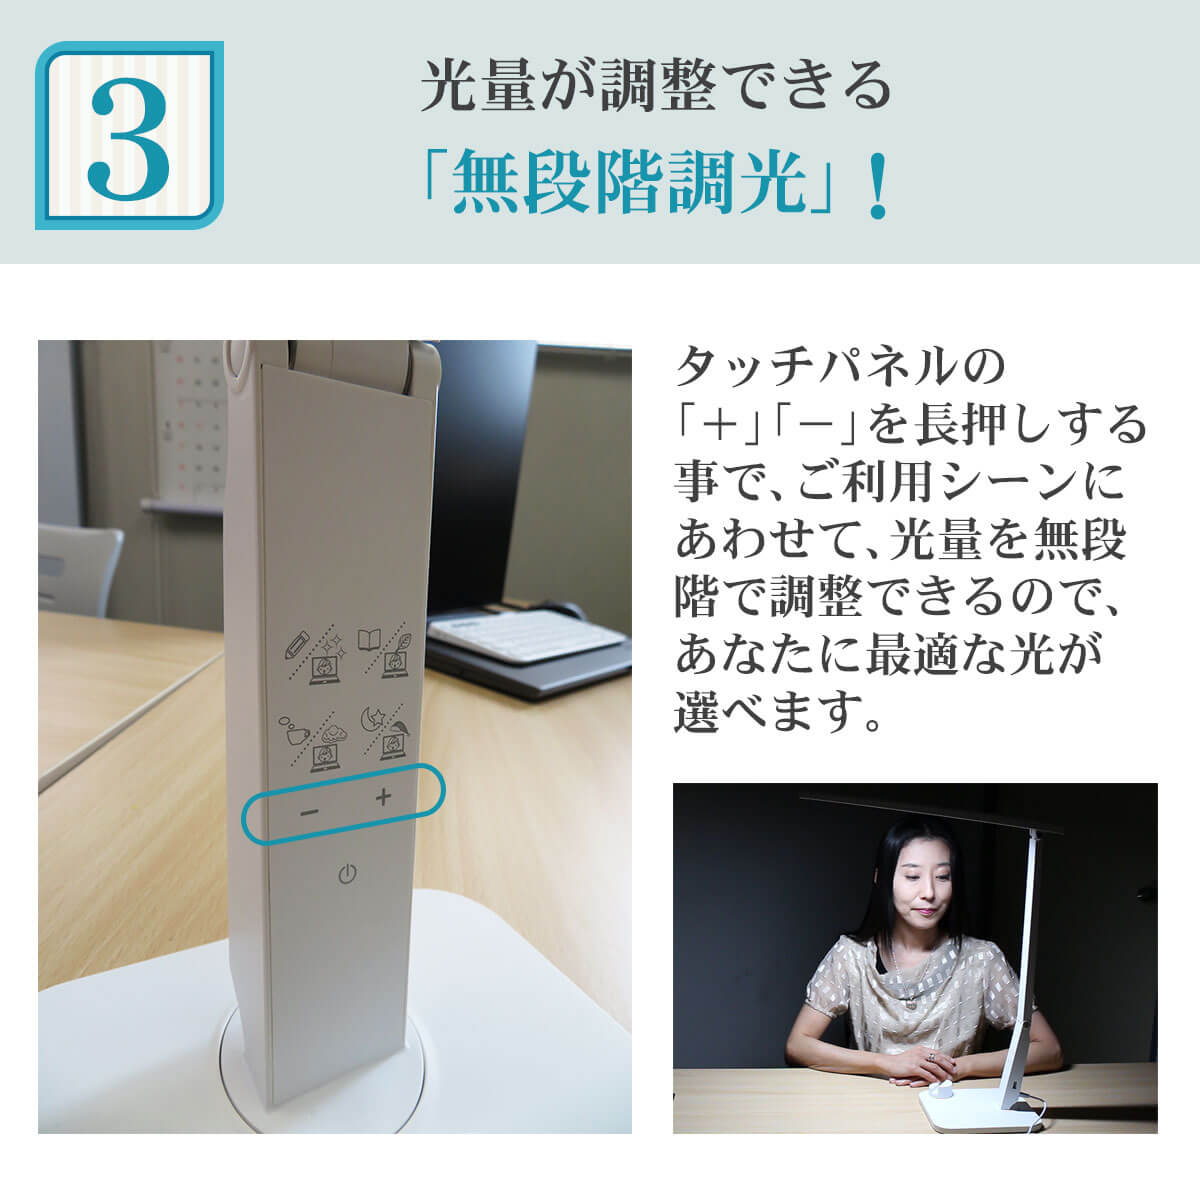 デスクライト led 学習机 目に優しい 無段階 自然光デスクライト テレワーク LEDデスクライト デスクスタンド LEDデスクスタンド ディスプレイ スタディライト Zoom映え 電気スタンド